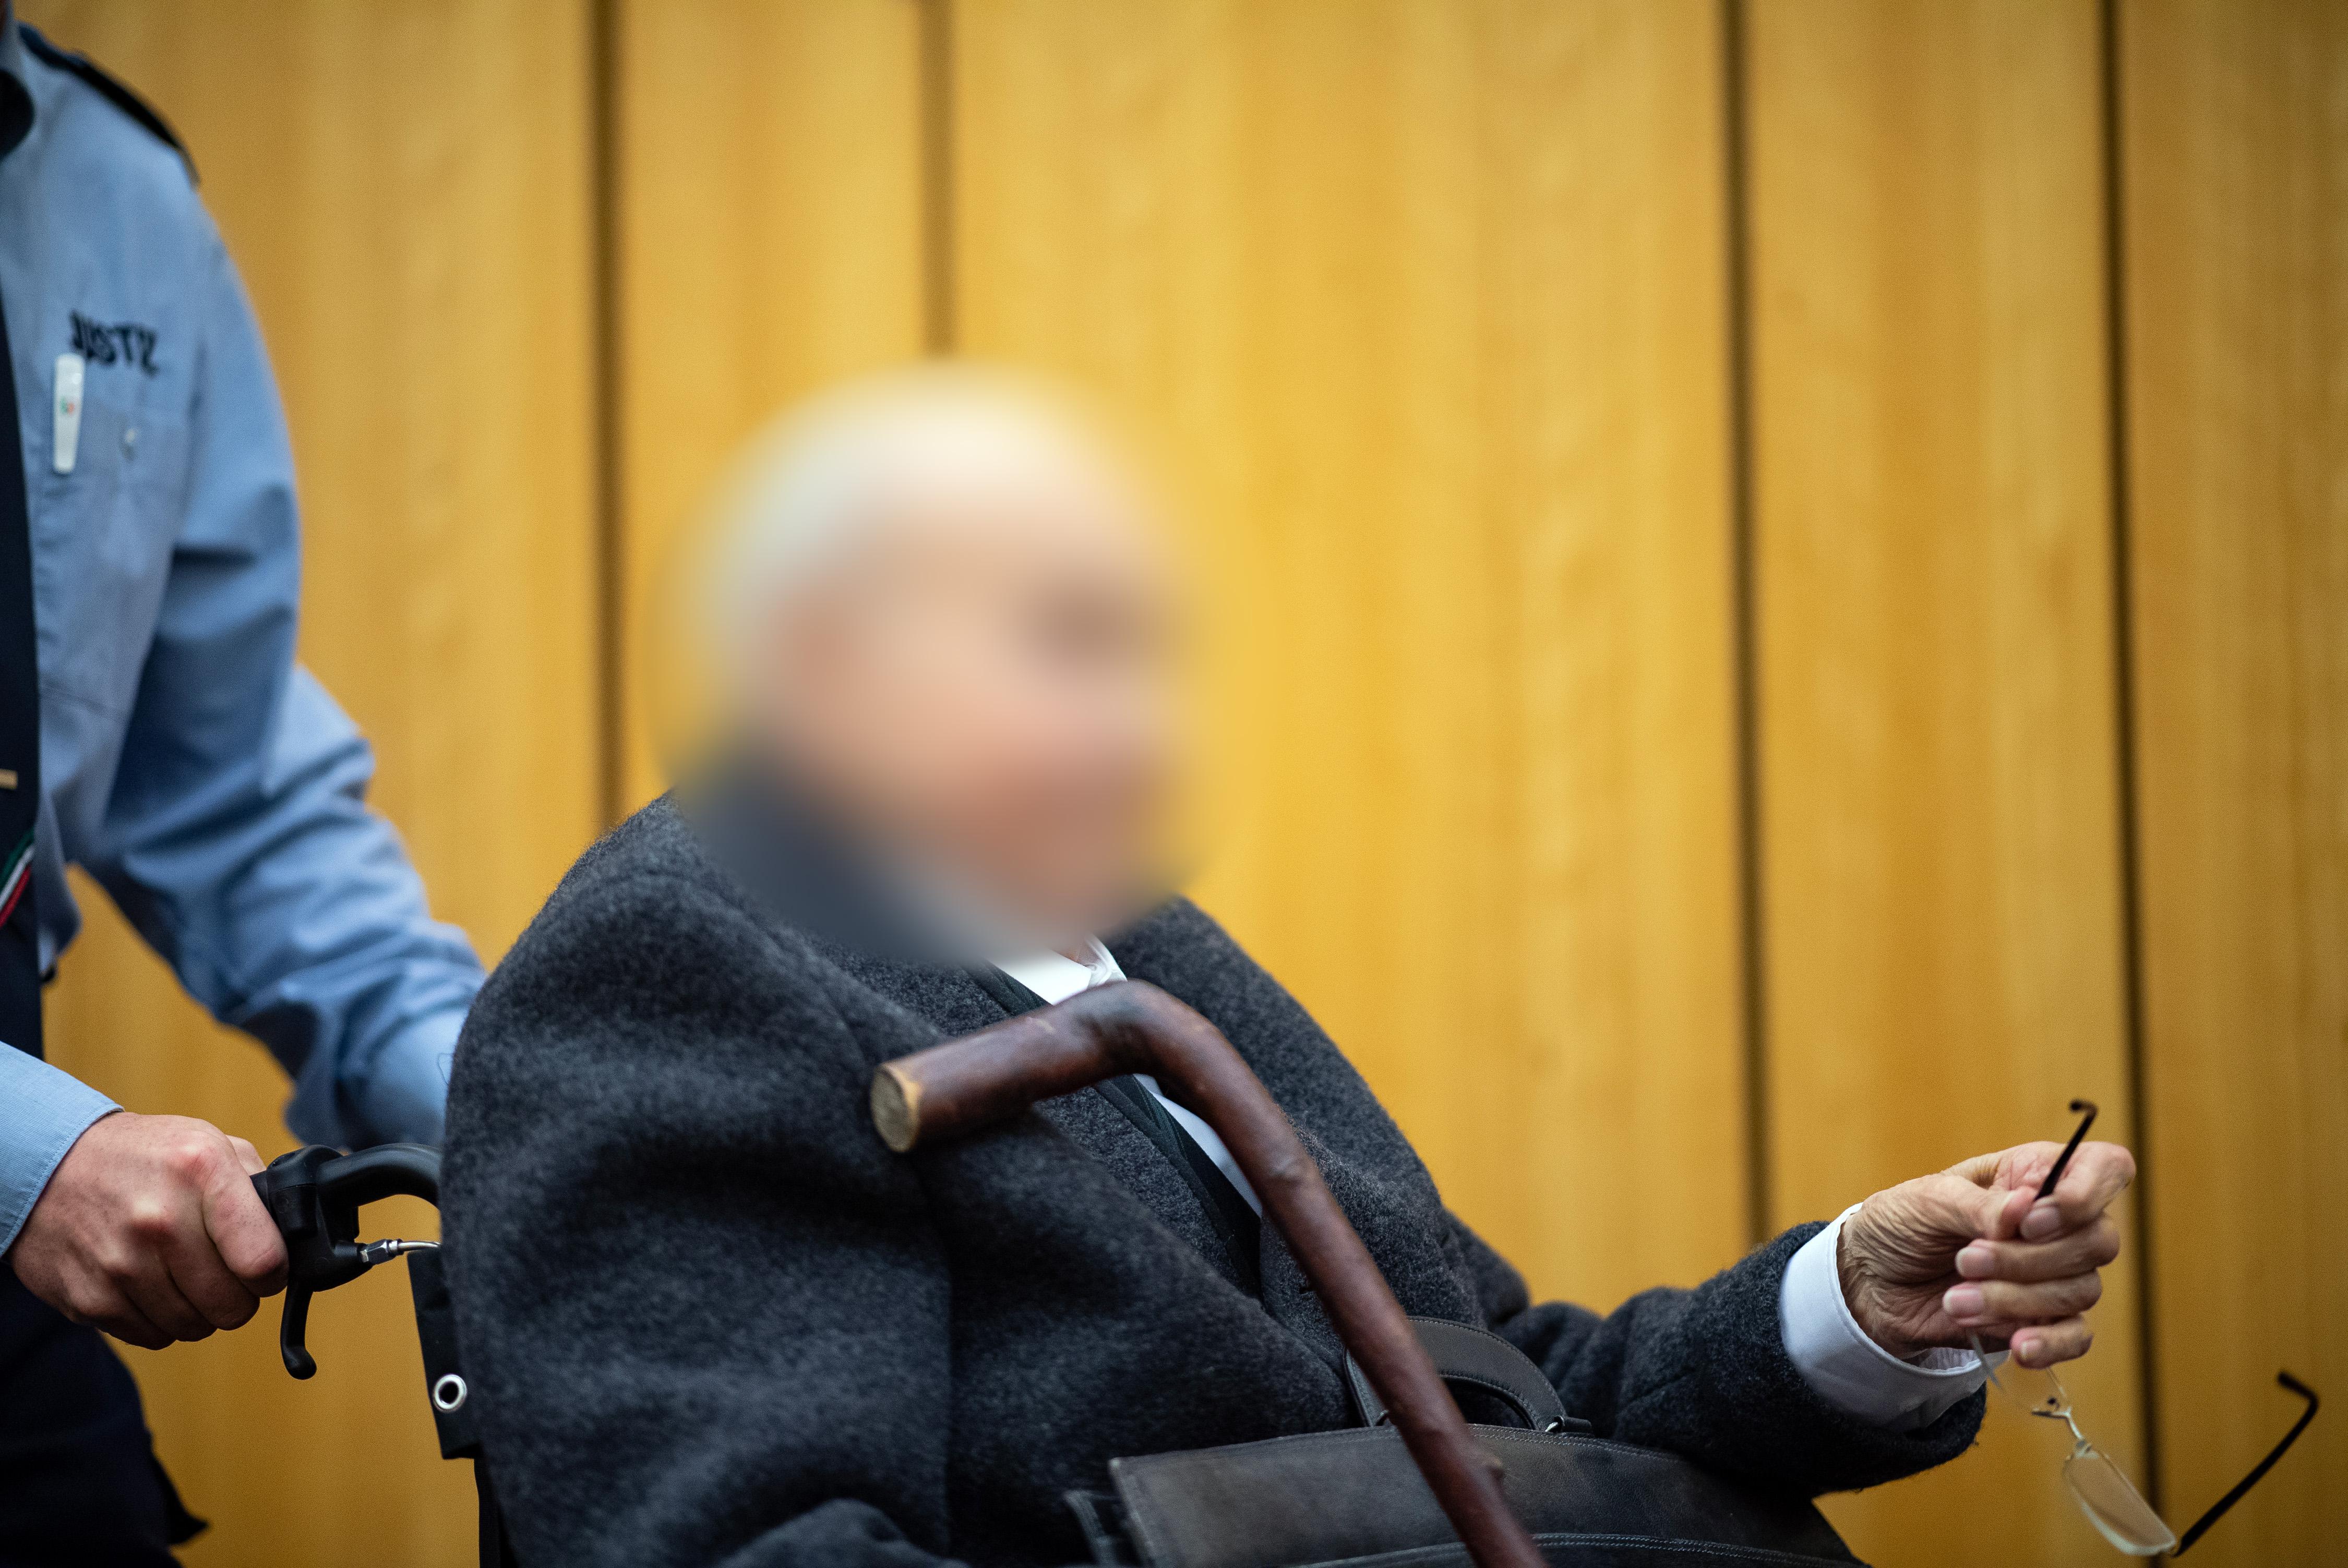 Egészségi állapota miatt nem áll bíróság elé a 97 éves férfit, aki őr volt egy náci haláltáborban